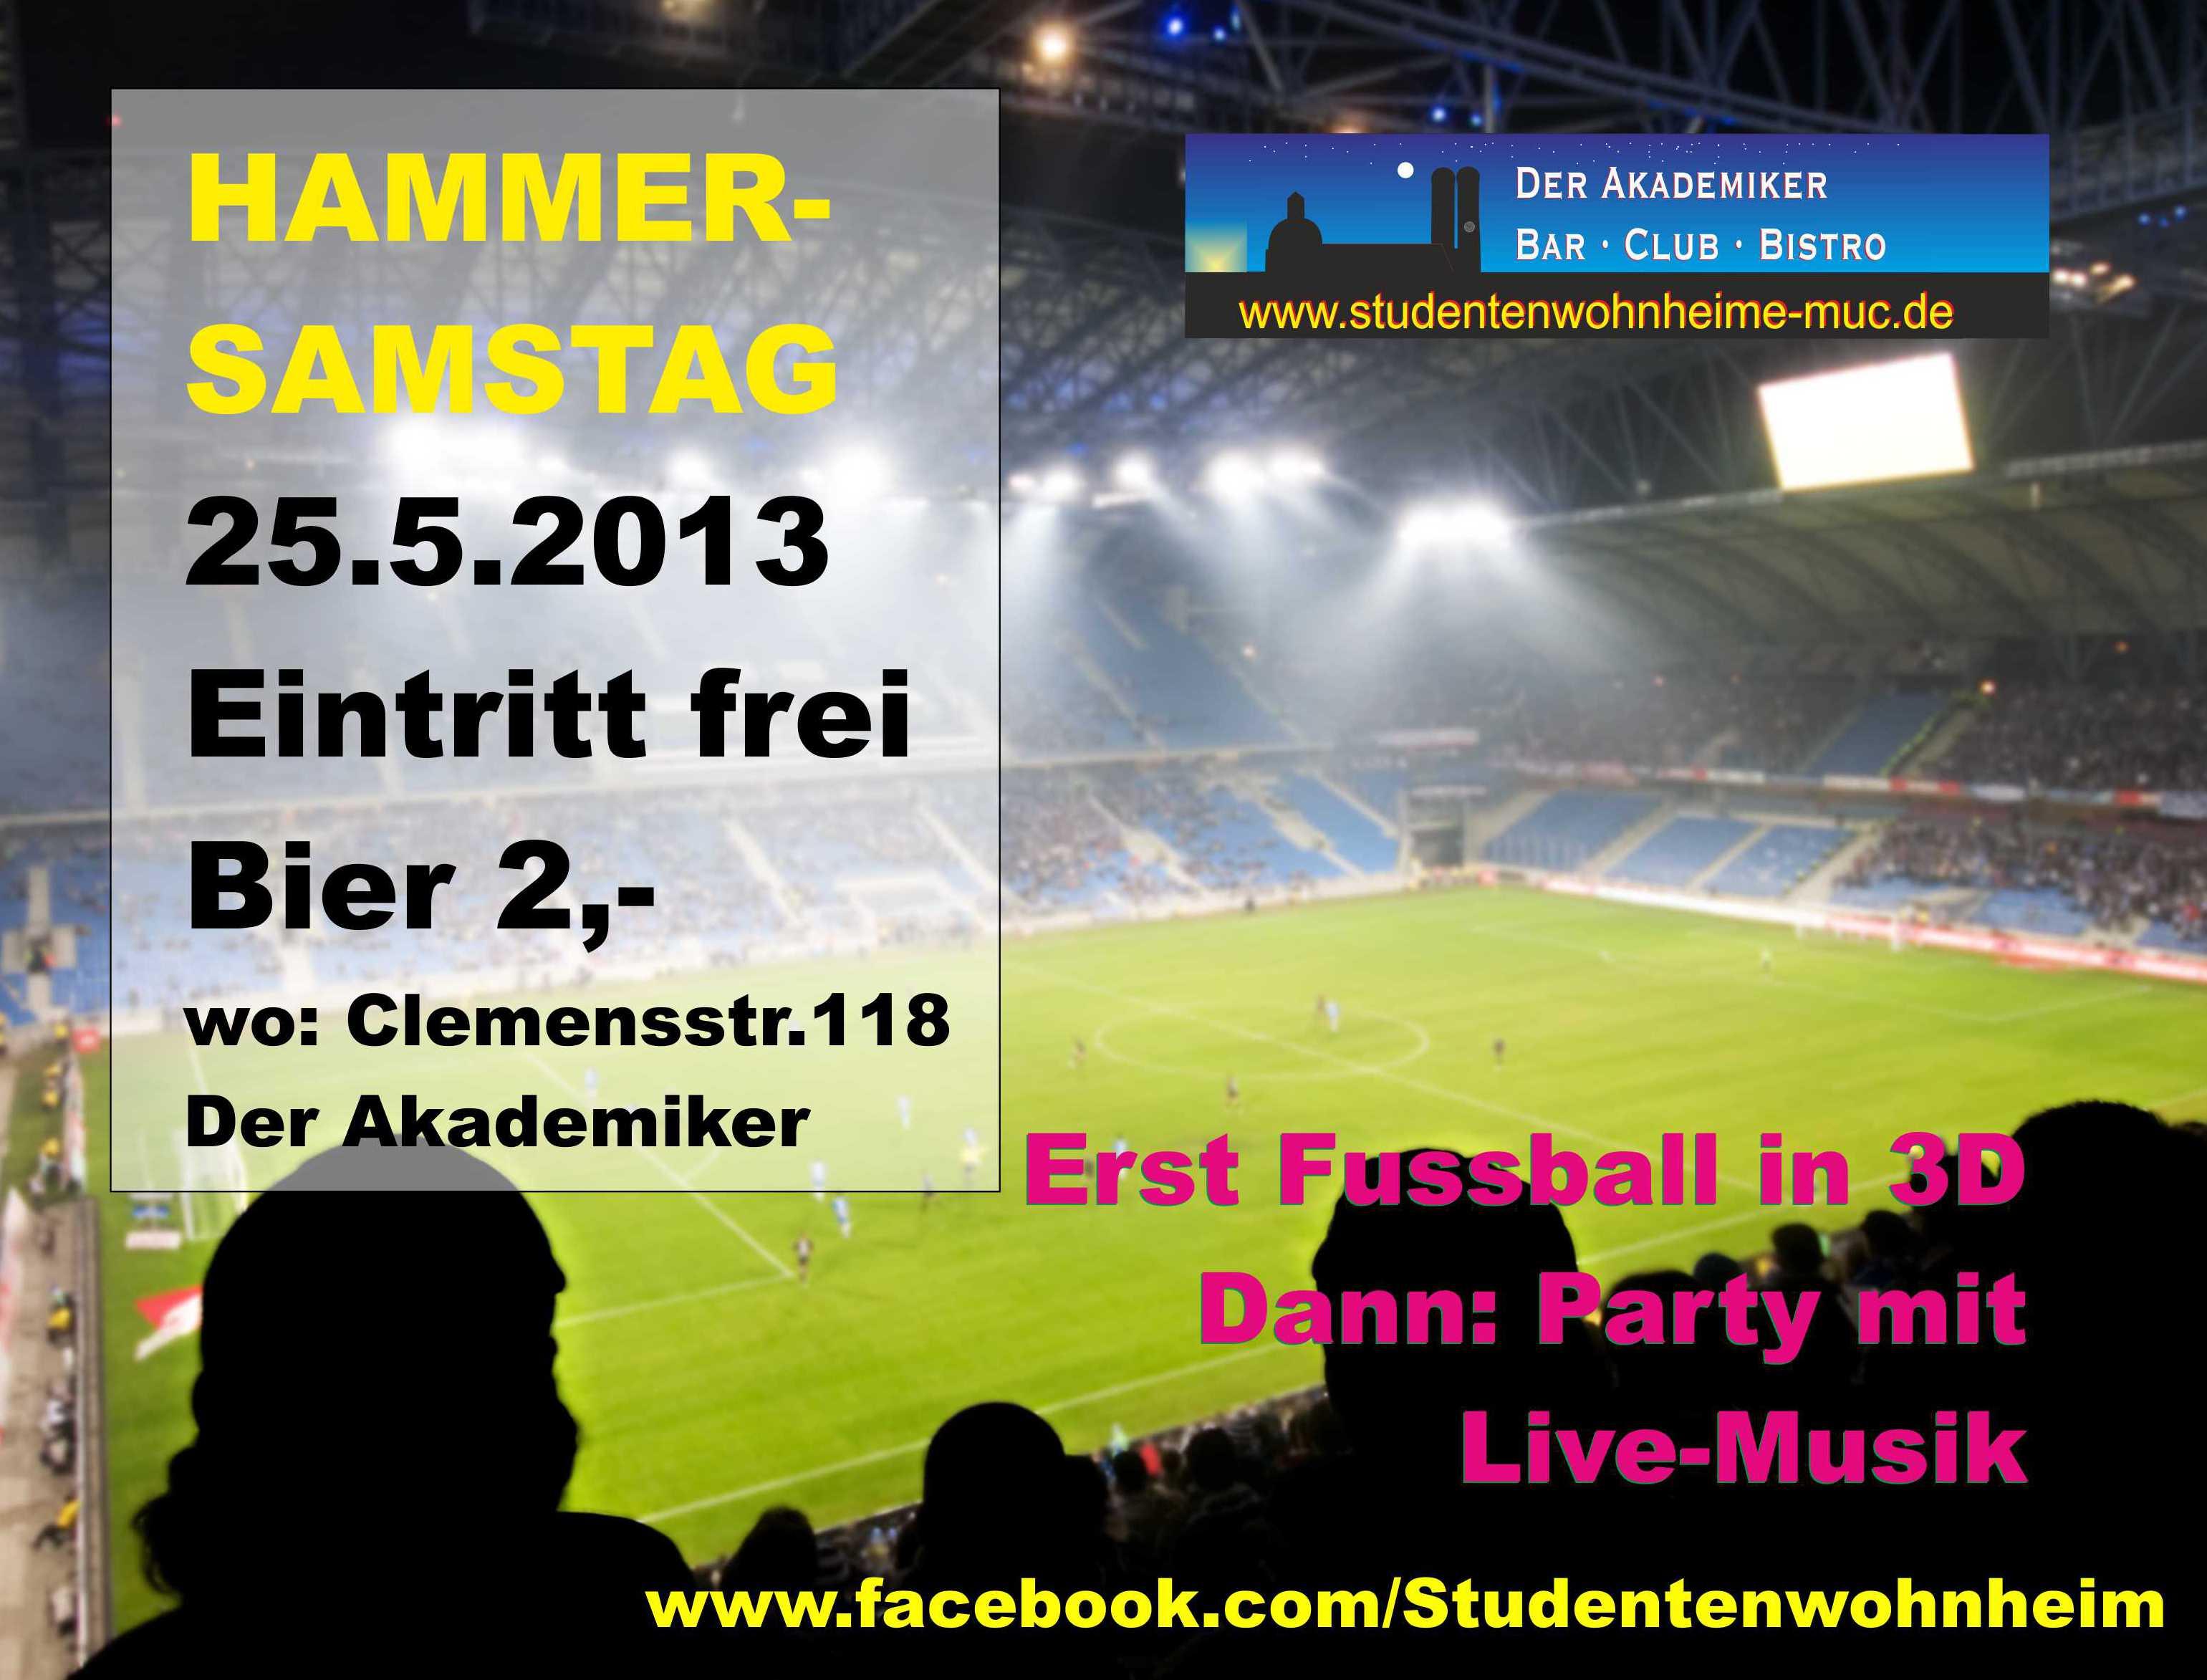 Hammer-Party: Samstag 3D Fussball und Livekonzert.